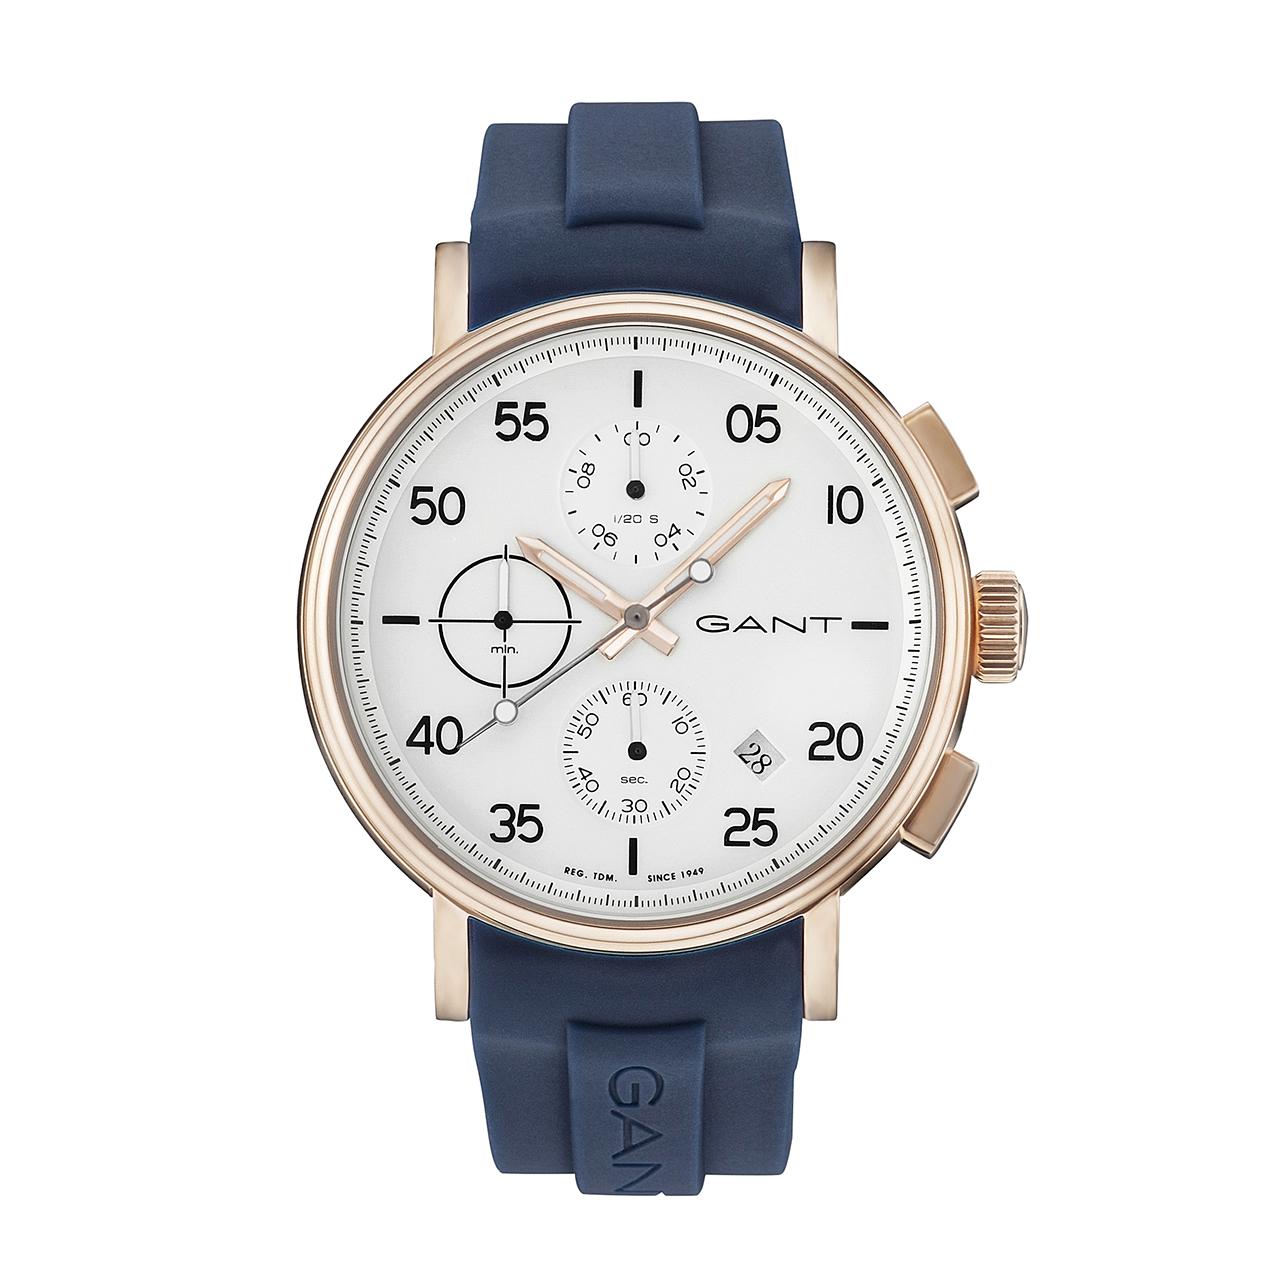 ساعت مچی عقربه ای مردانه گنت مدل GW037005